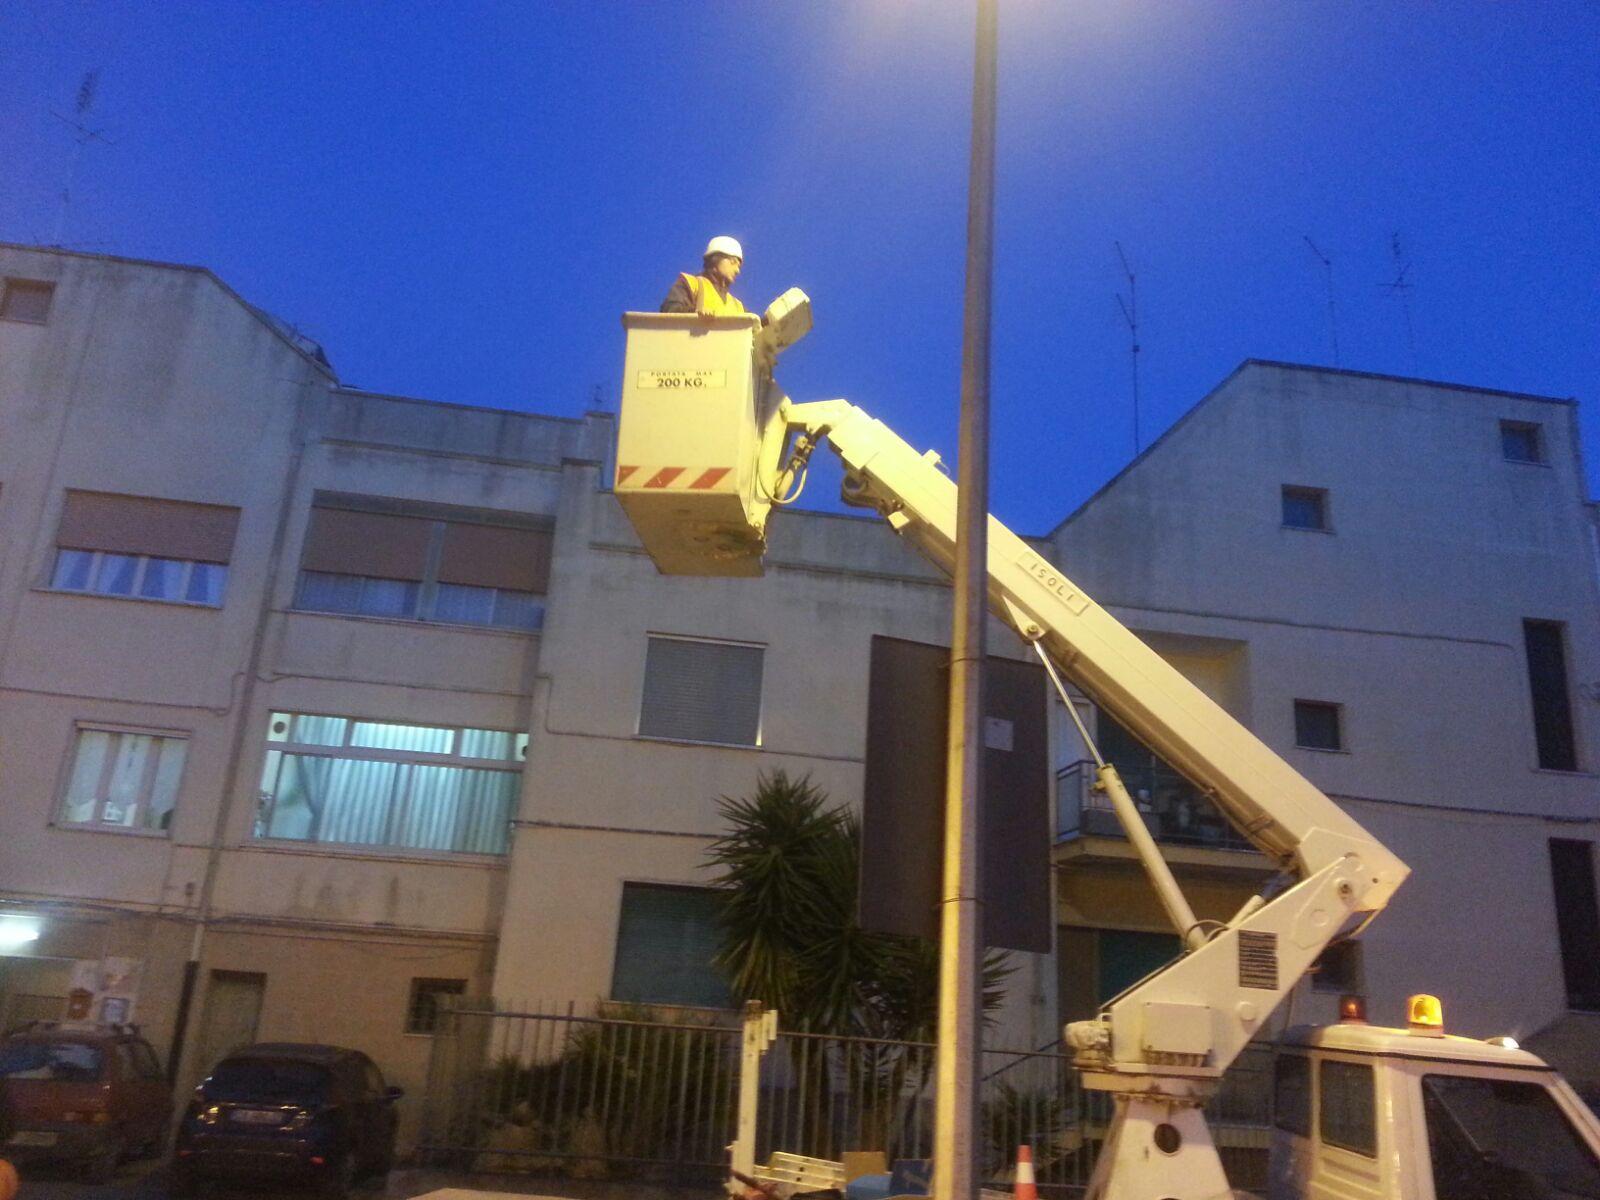 Sta per cadere un palo della pubblica illuminazione, intervengono gli elettricisti del Comune